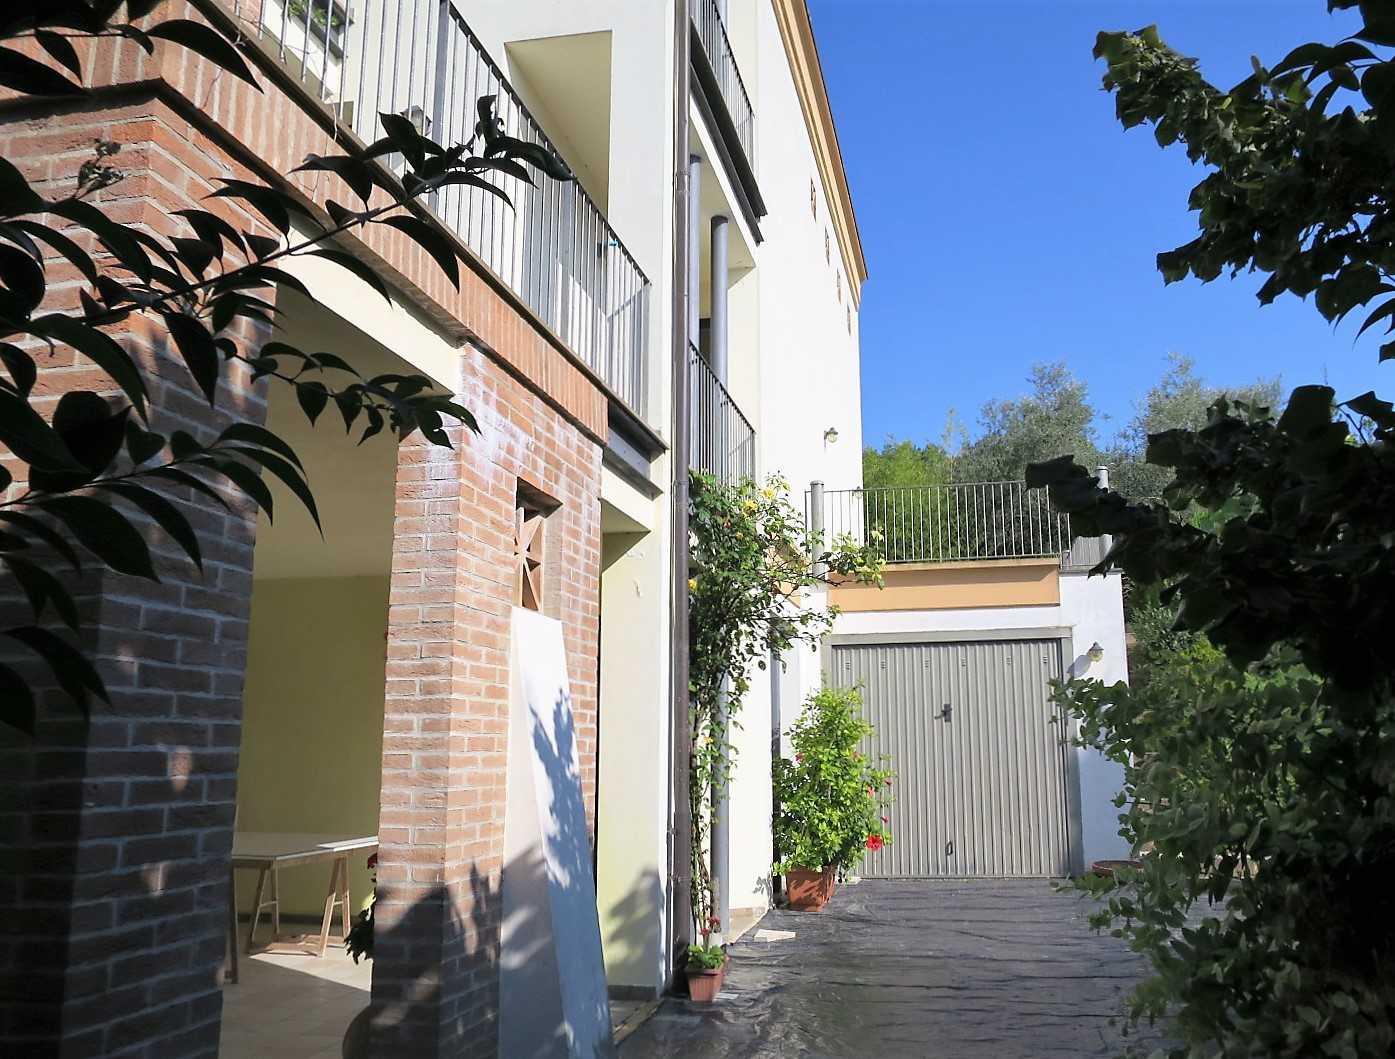 Villa Villa for sale Atri (TE), Villa Paola - Atri - EUR 462.107 160